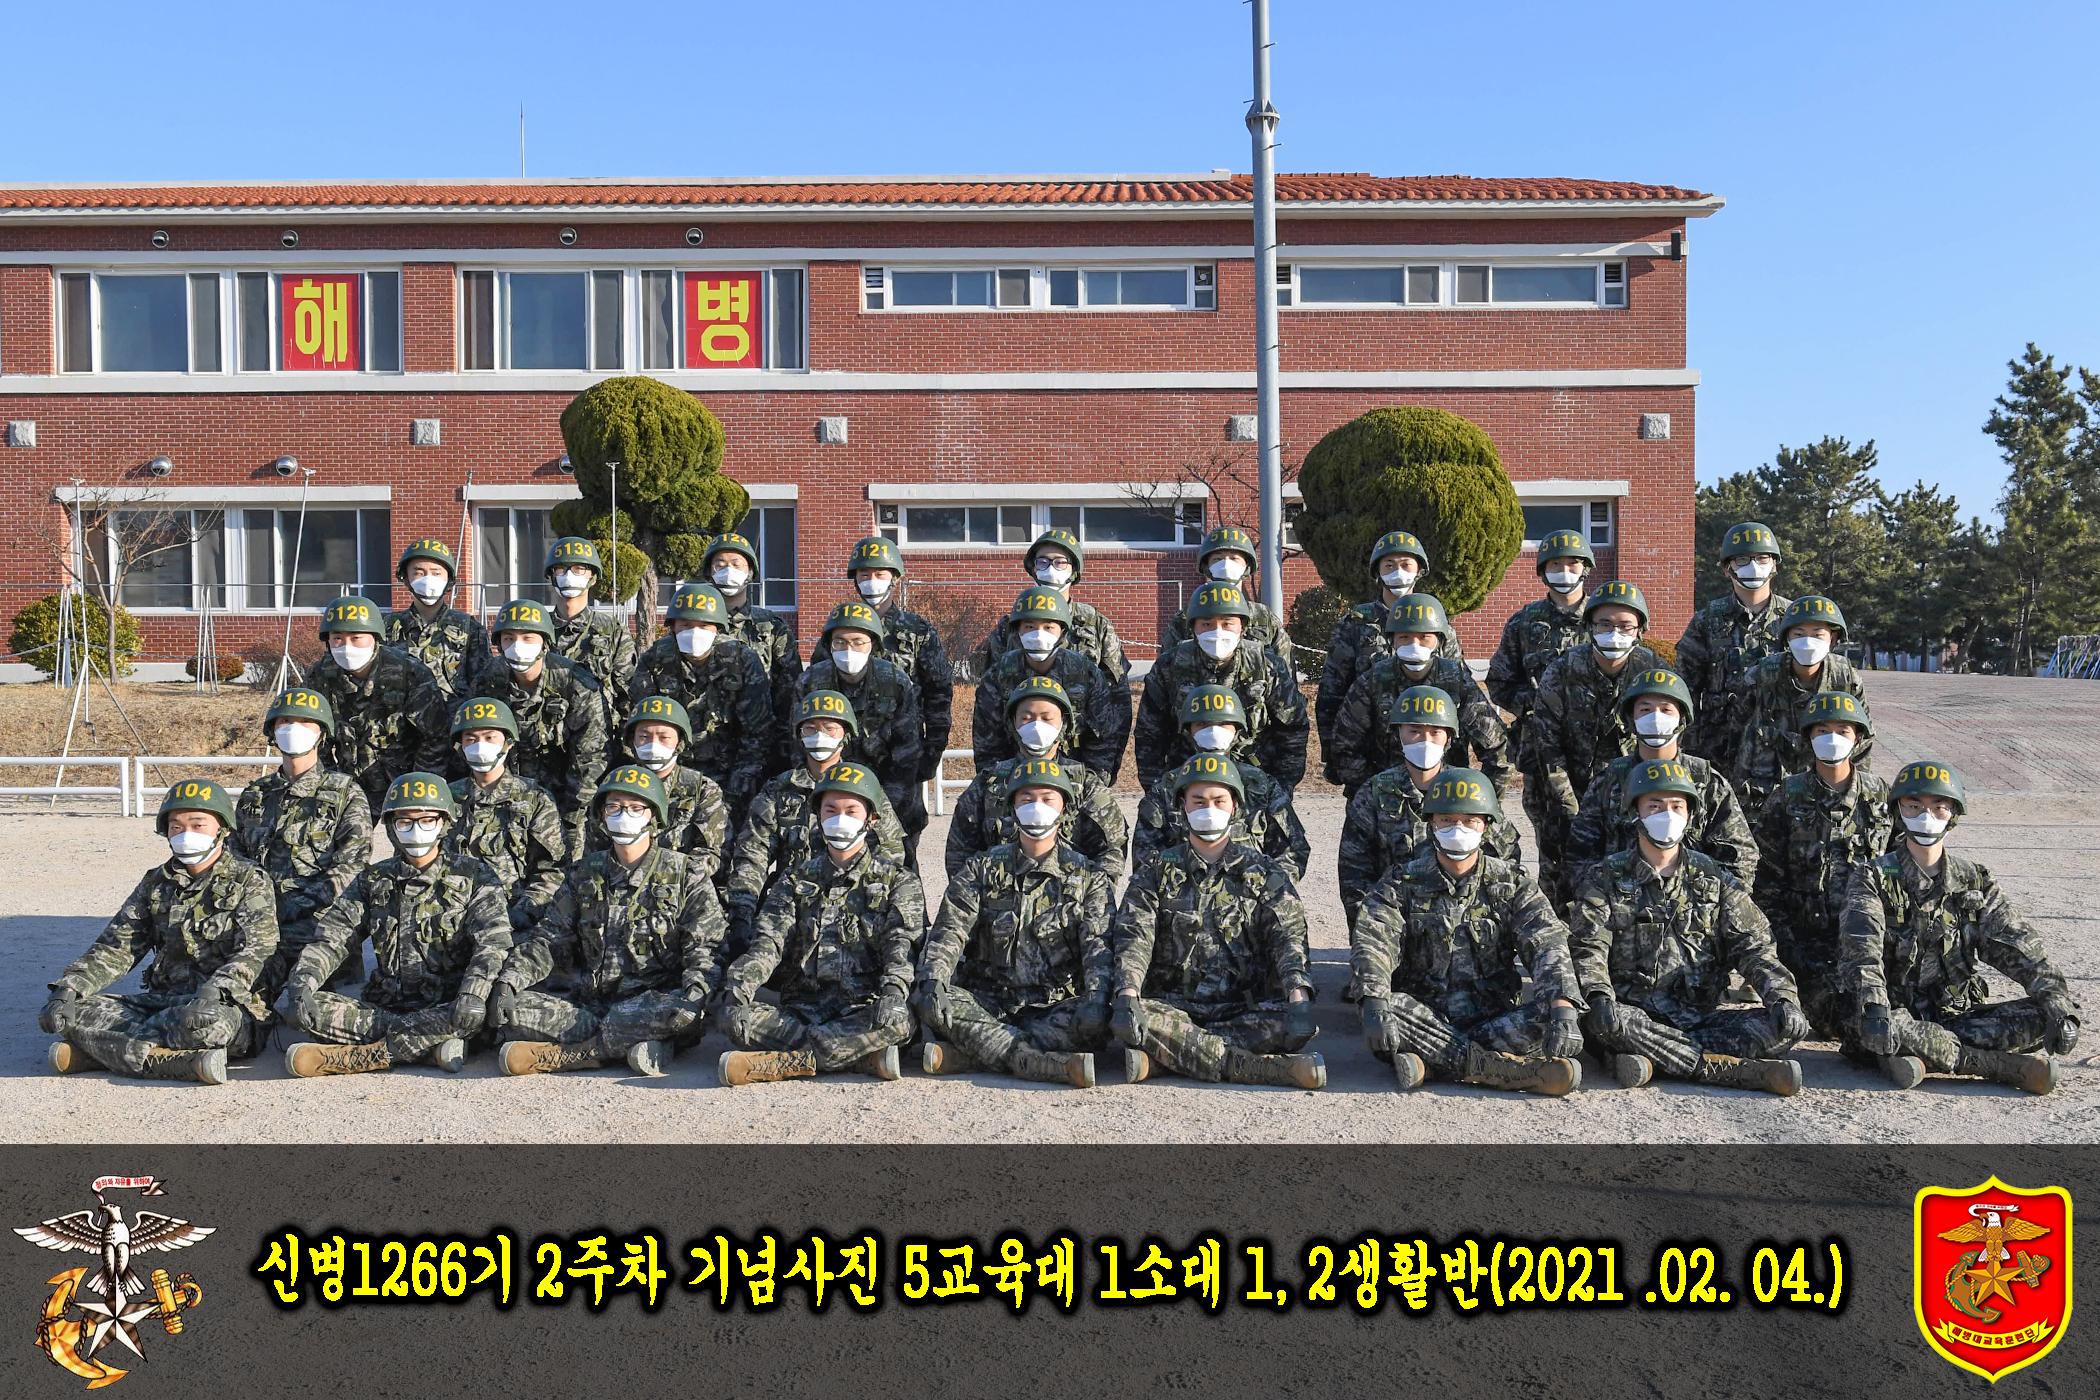 해병대 신병 1266기 5교육대 3주차 생활반 사진 1.jpg